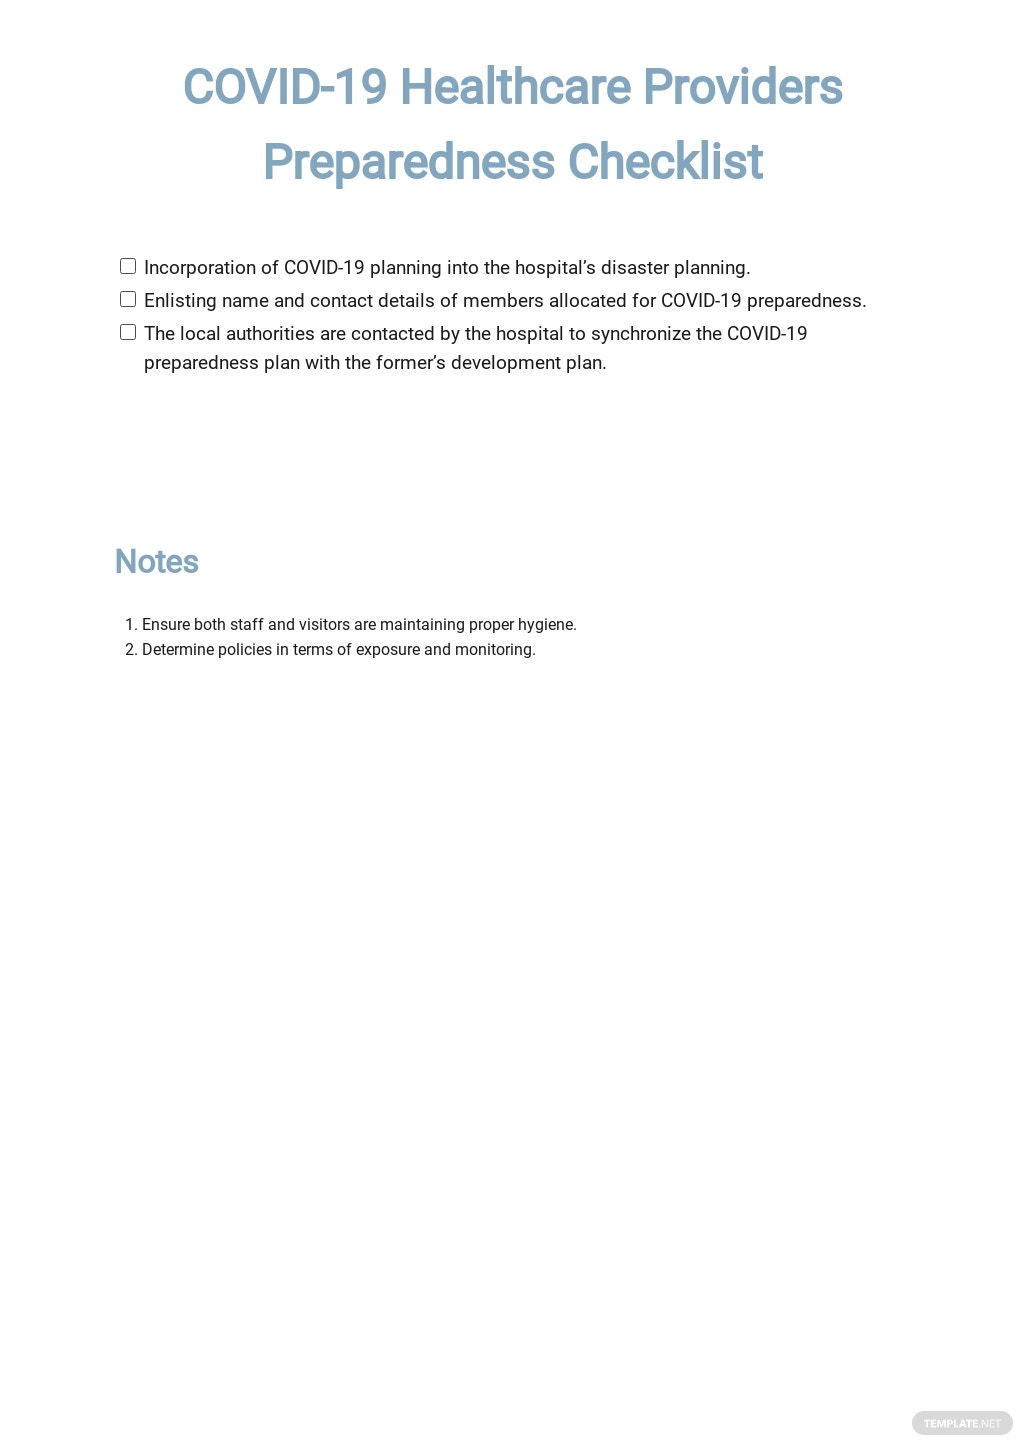 Coronavirus COVID-19 Healthcare Providers Preparedness Checklist (CDC) Template